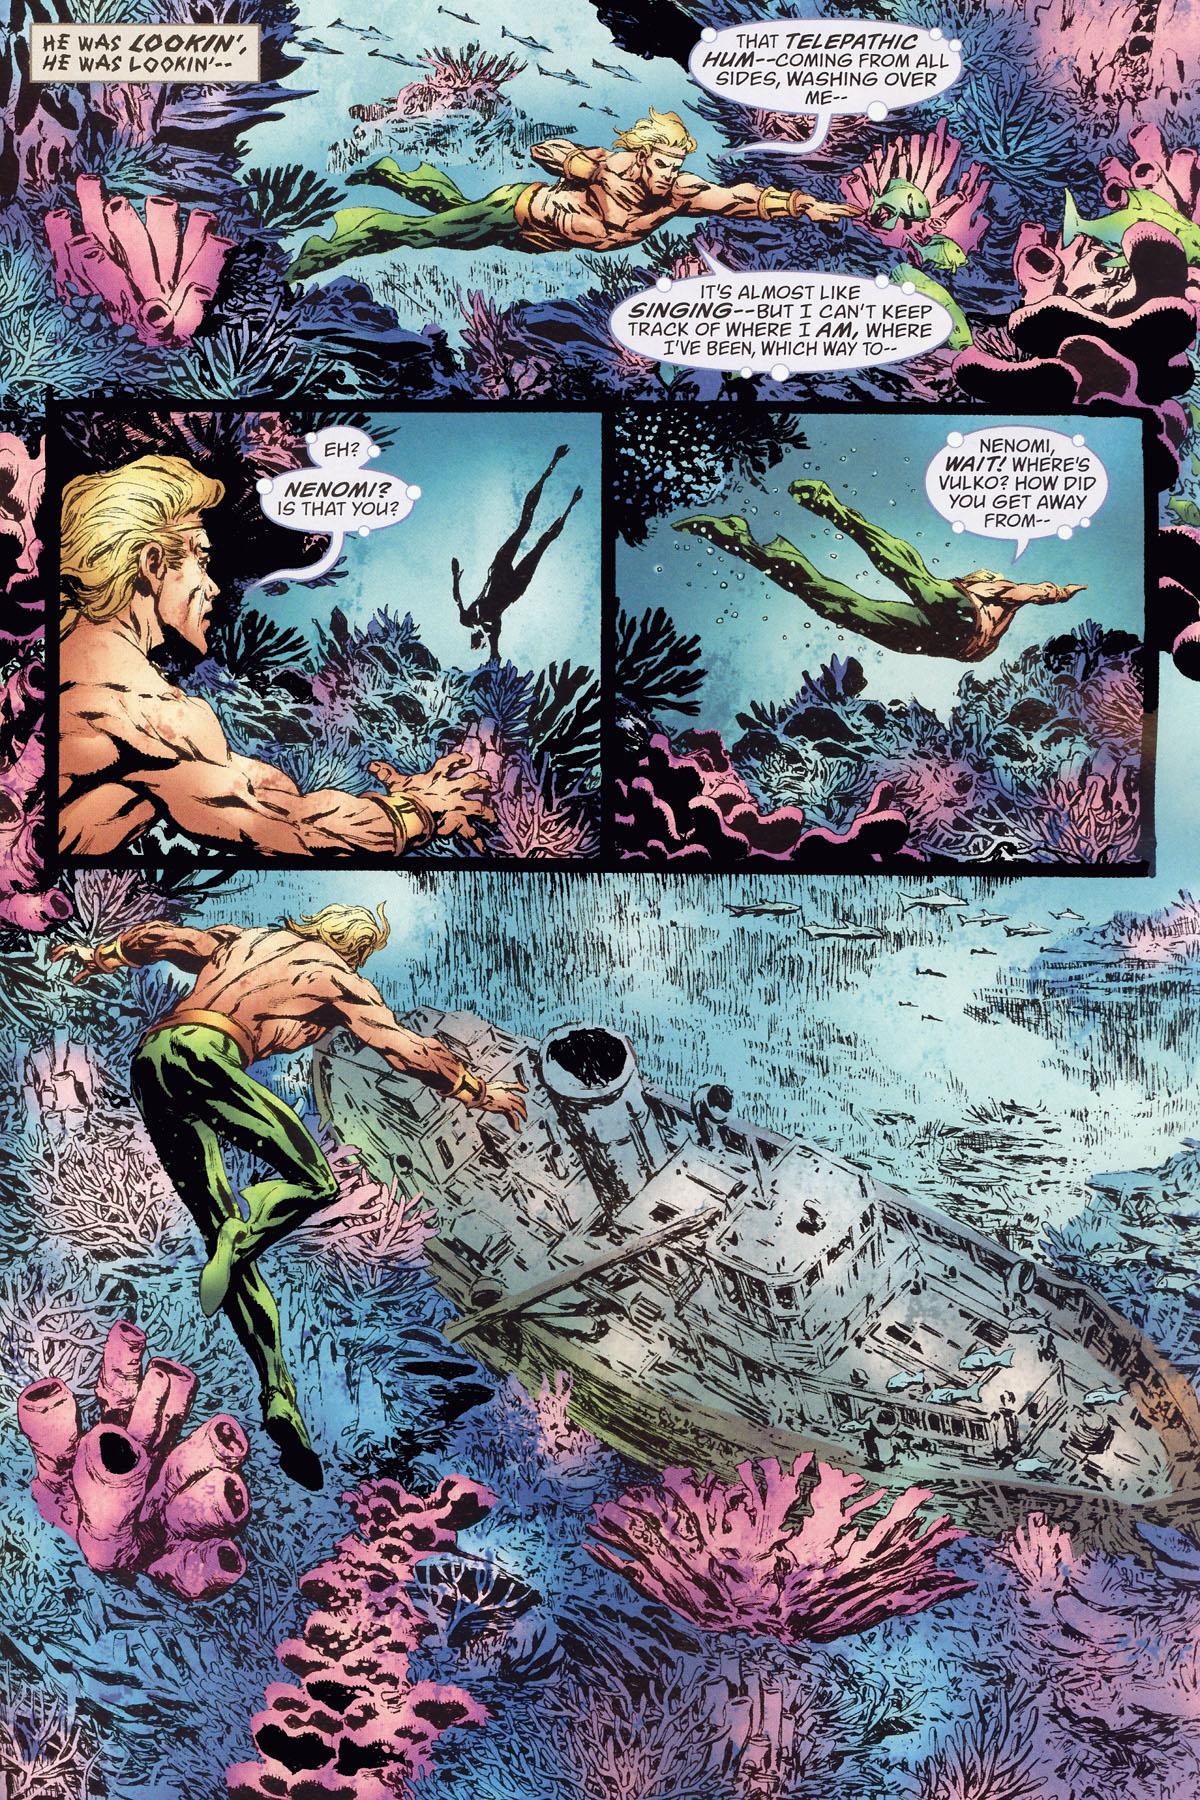 Read online Aquaman: Sword of Atlantis comic -  Issue #47 - 10